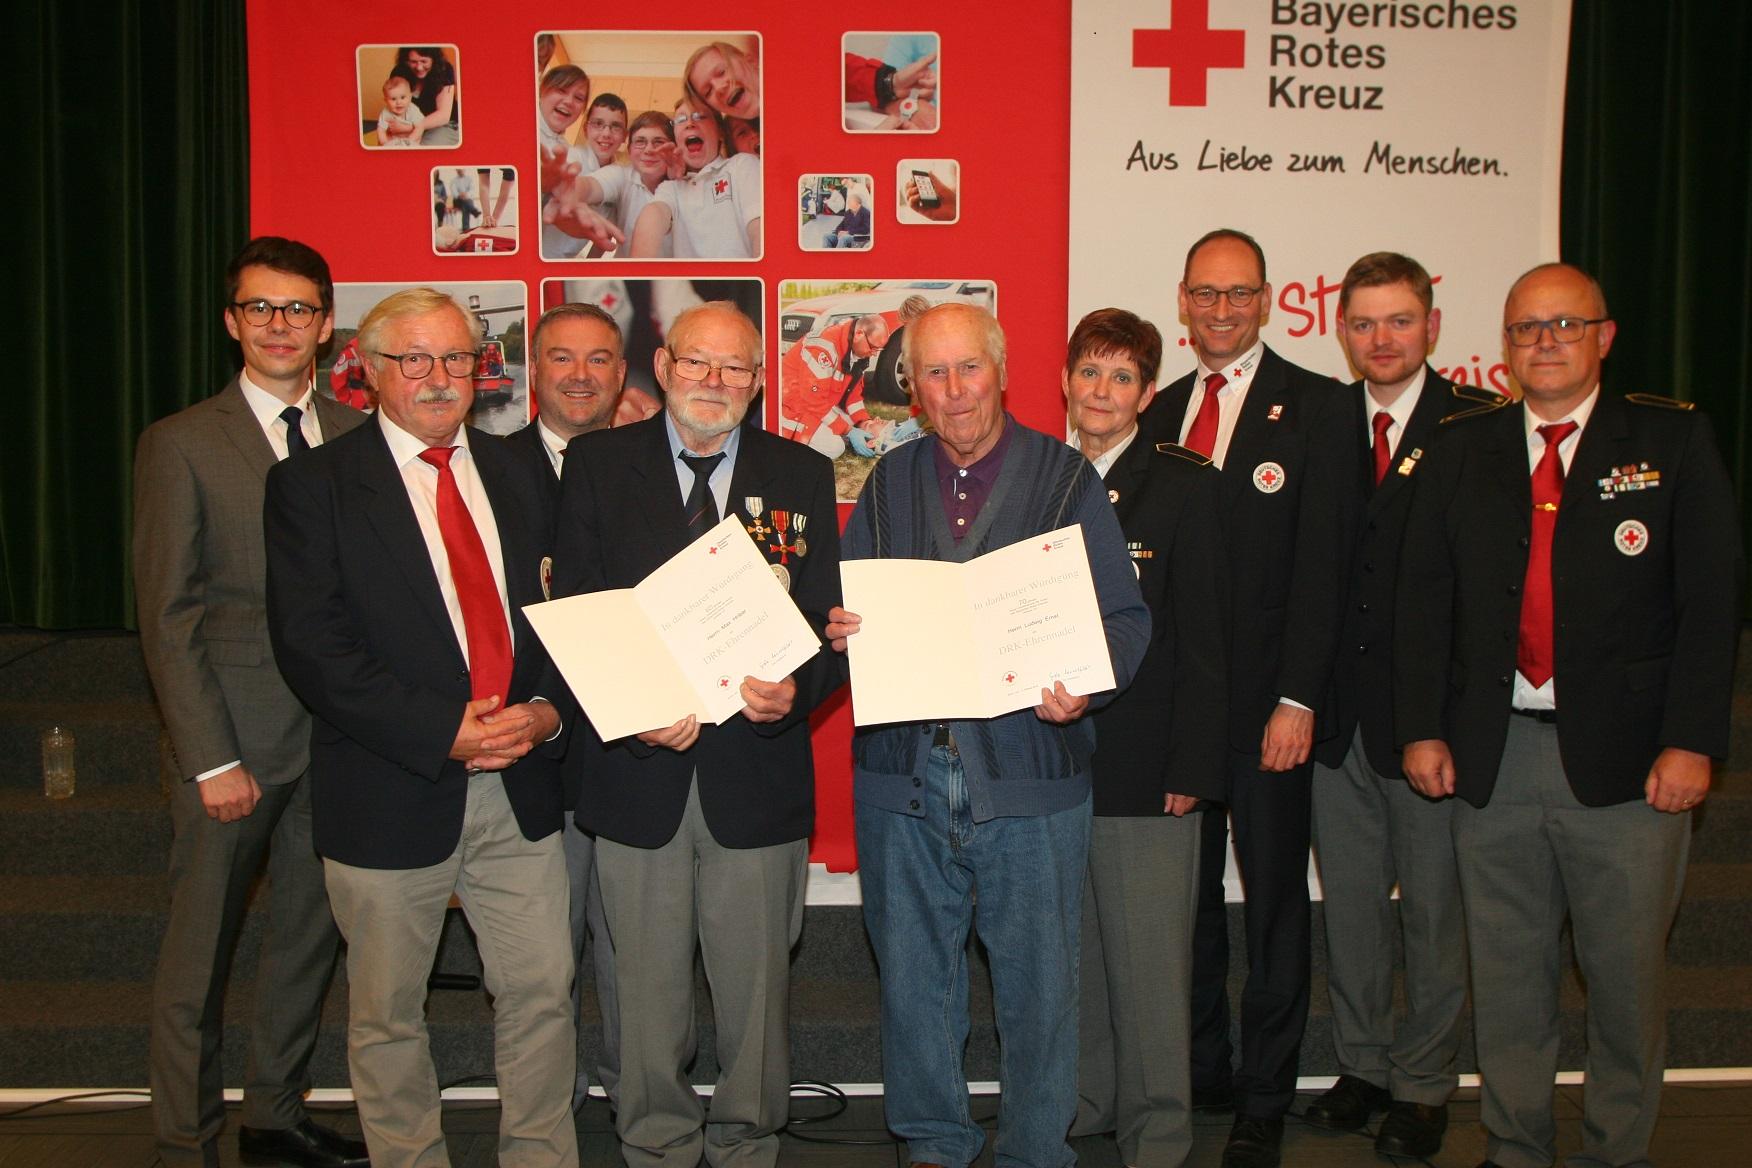 Große Ehre für die beiden Urgesteine des BRK Dachau Max Hriba (Mitte links) und Ludwig Ernst. Die beiden Geehrten im Kreis der Vorstandschaft und Geschäftsleitung des BRK Dachau.